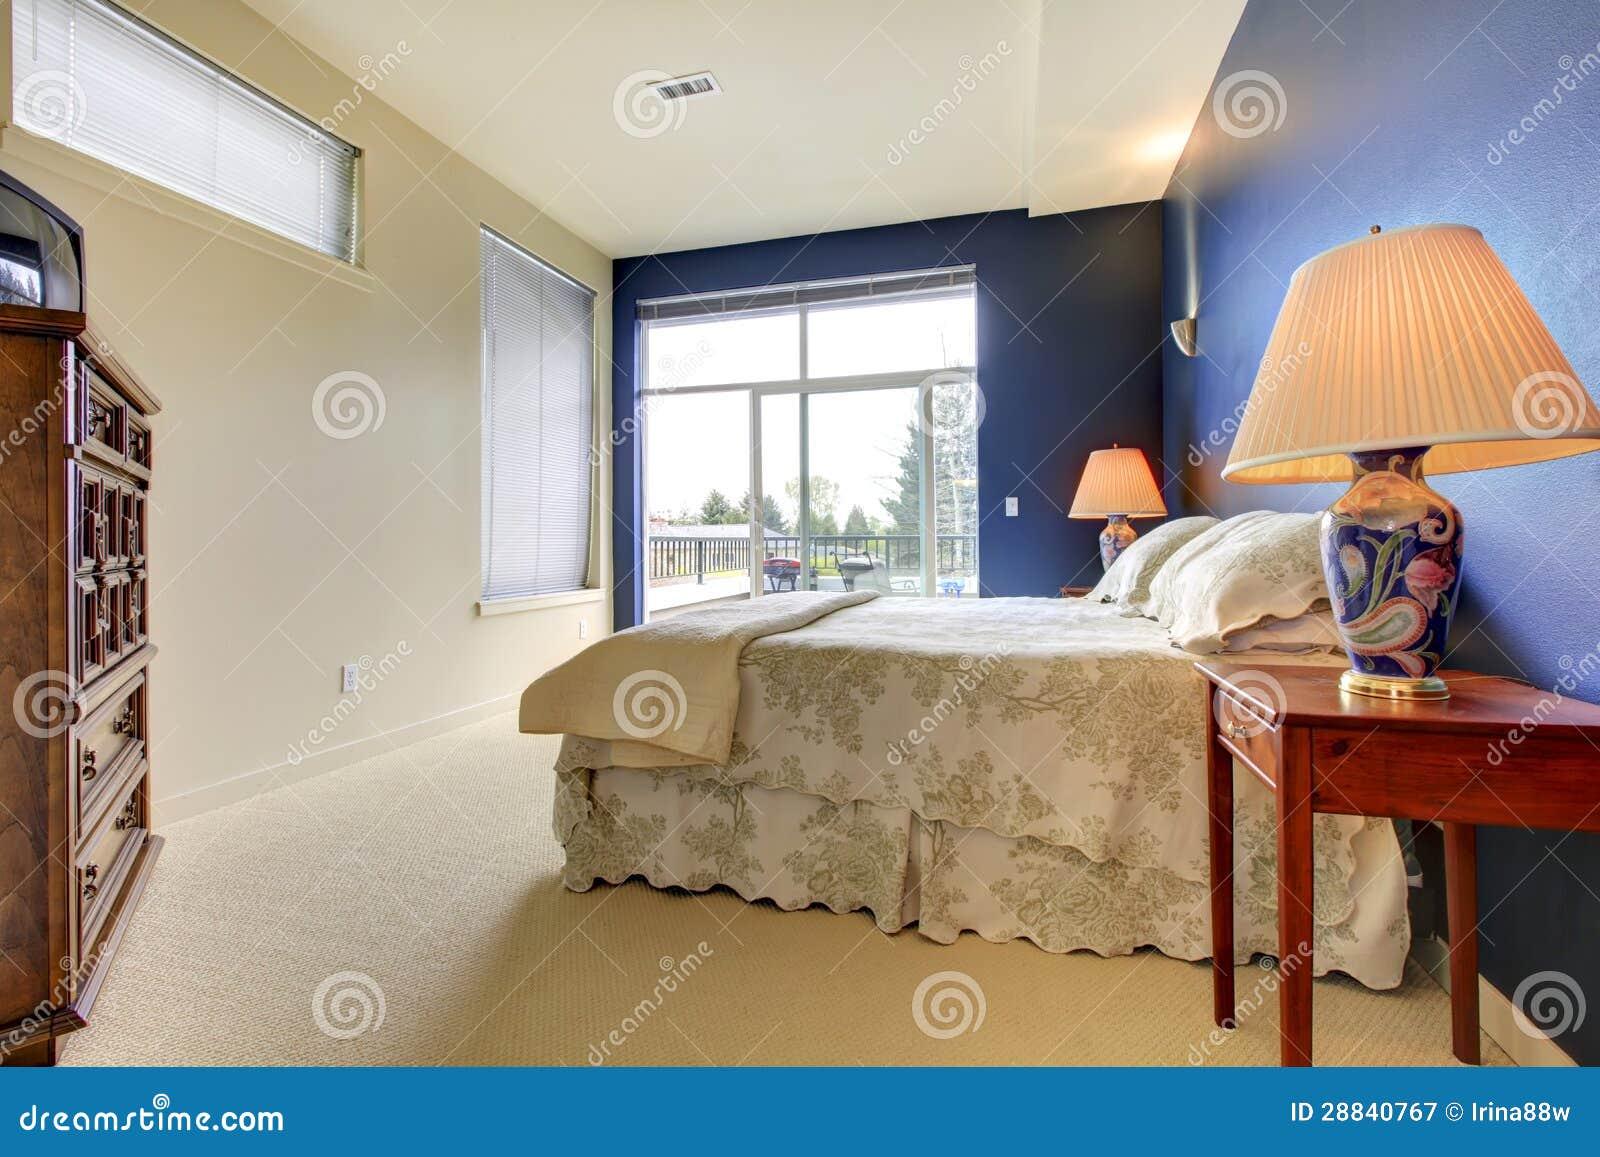 Slaapkamer Blauwe Muur : Slaapkamer met blauwe muur en aziatische lampen stock afbeelding